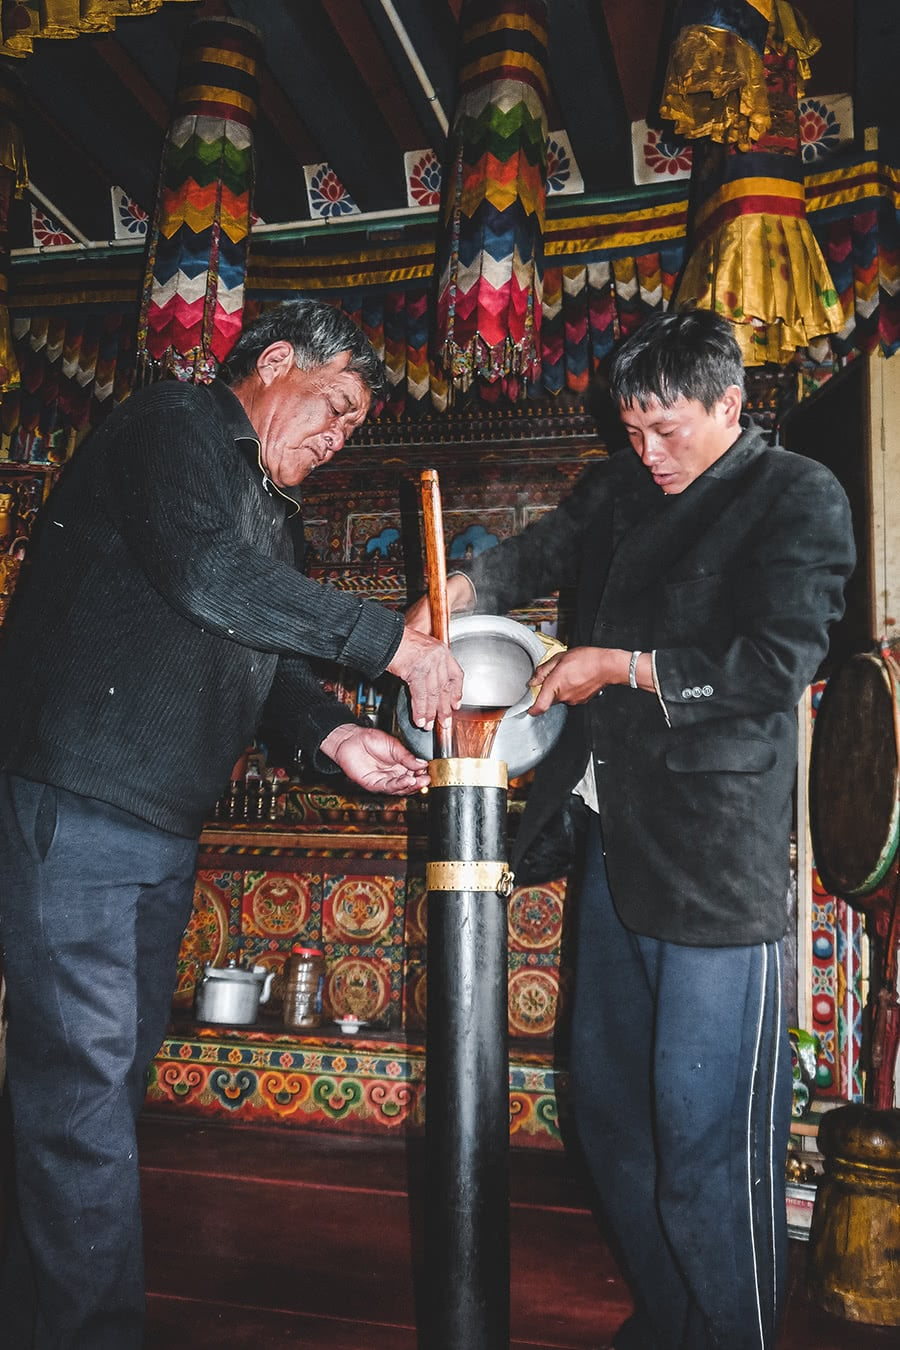 Making butter tea in Gangtey, Bhutan.